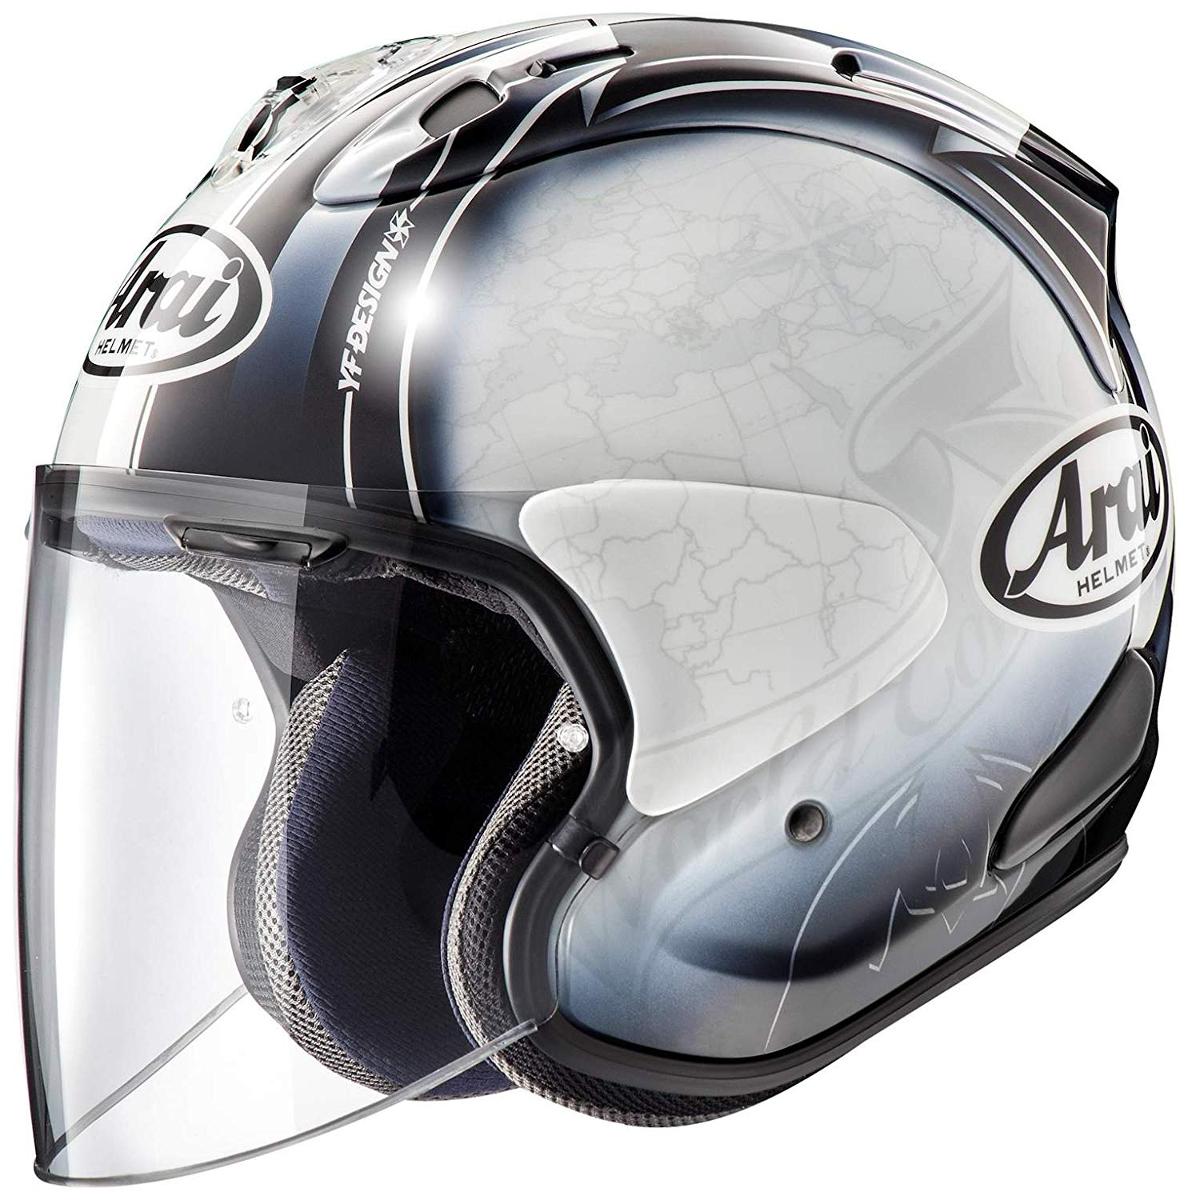 【超特価】 ARAI ARAI アライ ジェットヘルメット VZ-RAM 61-62cm (ブイゼット ラム) HARADA TOUR TOUR (ハラダ・ツアー) ホワイト XLサイズ 61-62cm, アンシャンブル:7e7e37c1 --- essexadvan.co.uk